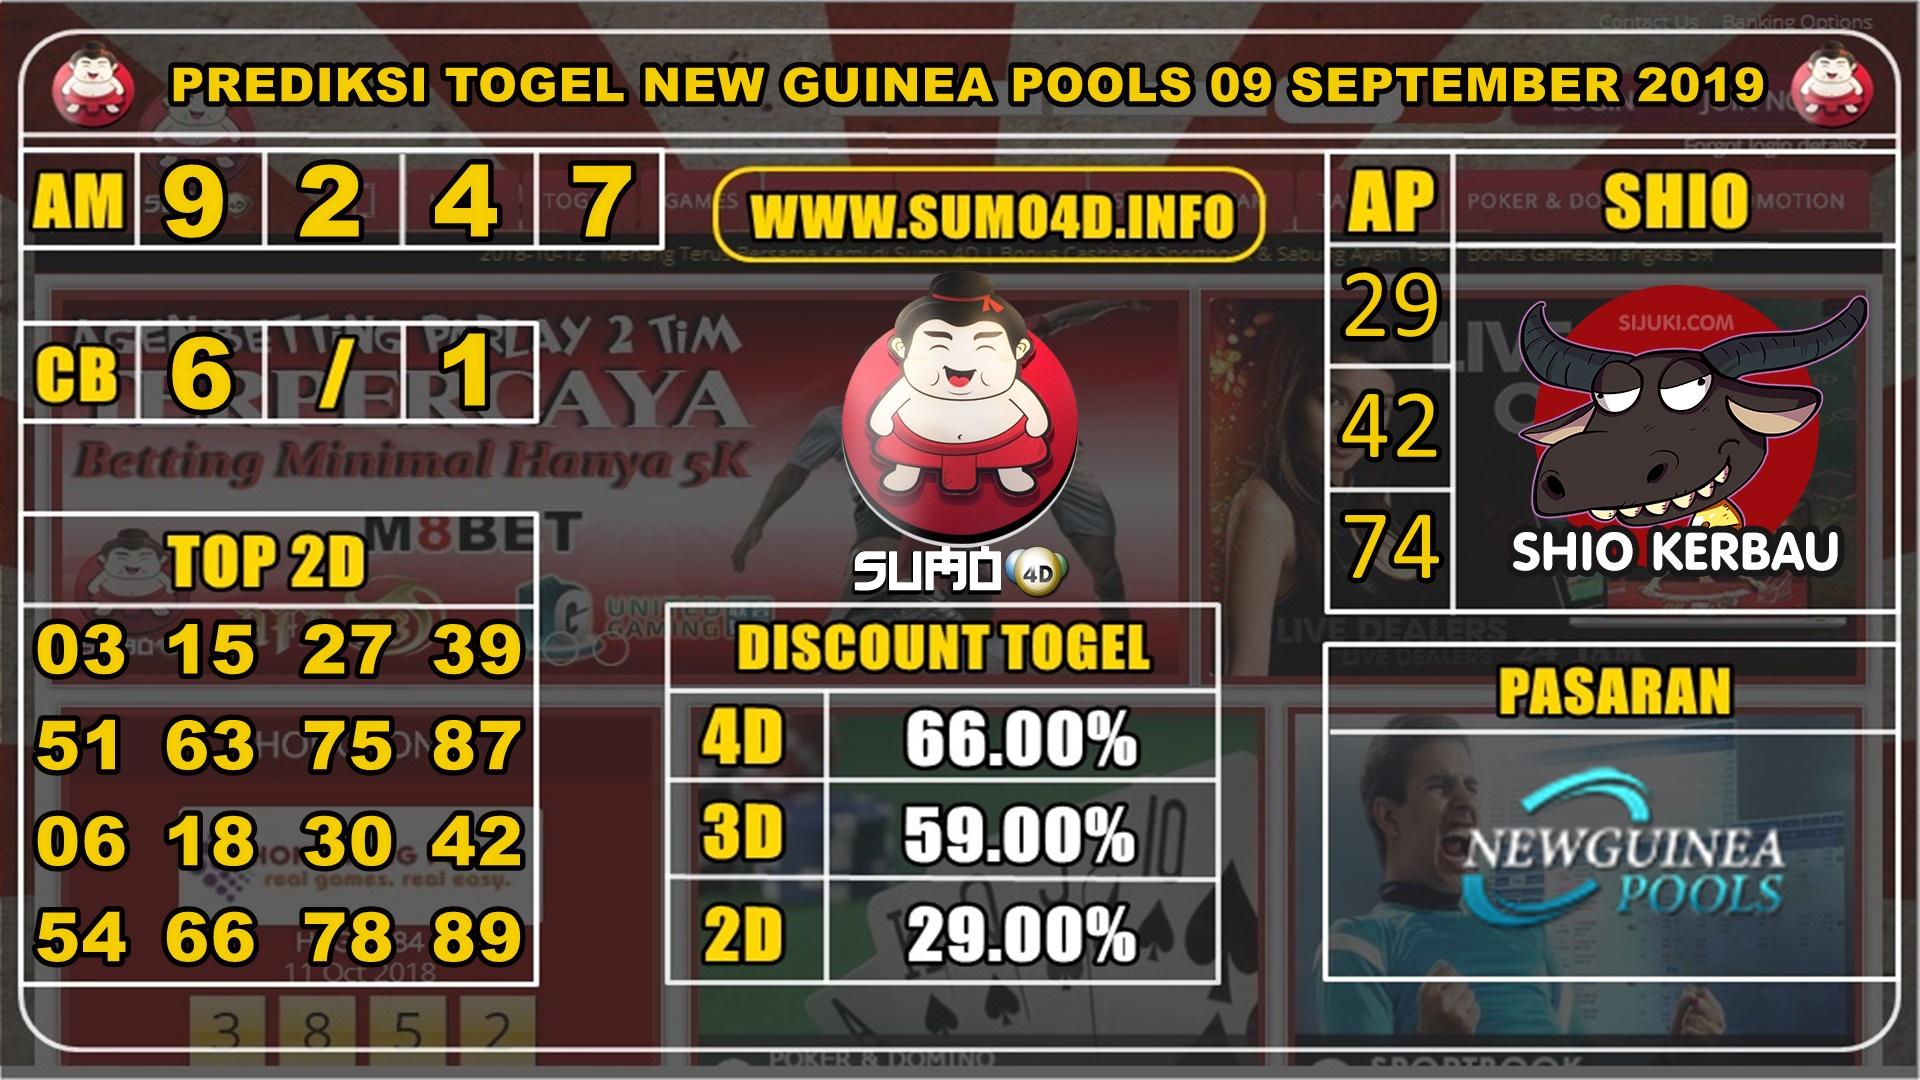 PREDIKSI TOGEL NEW GUINEA POOLS 09 SEPTEMBER 2019